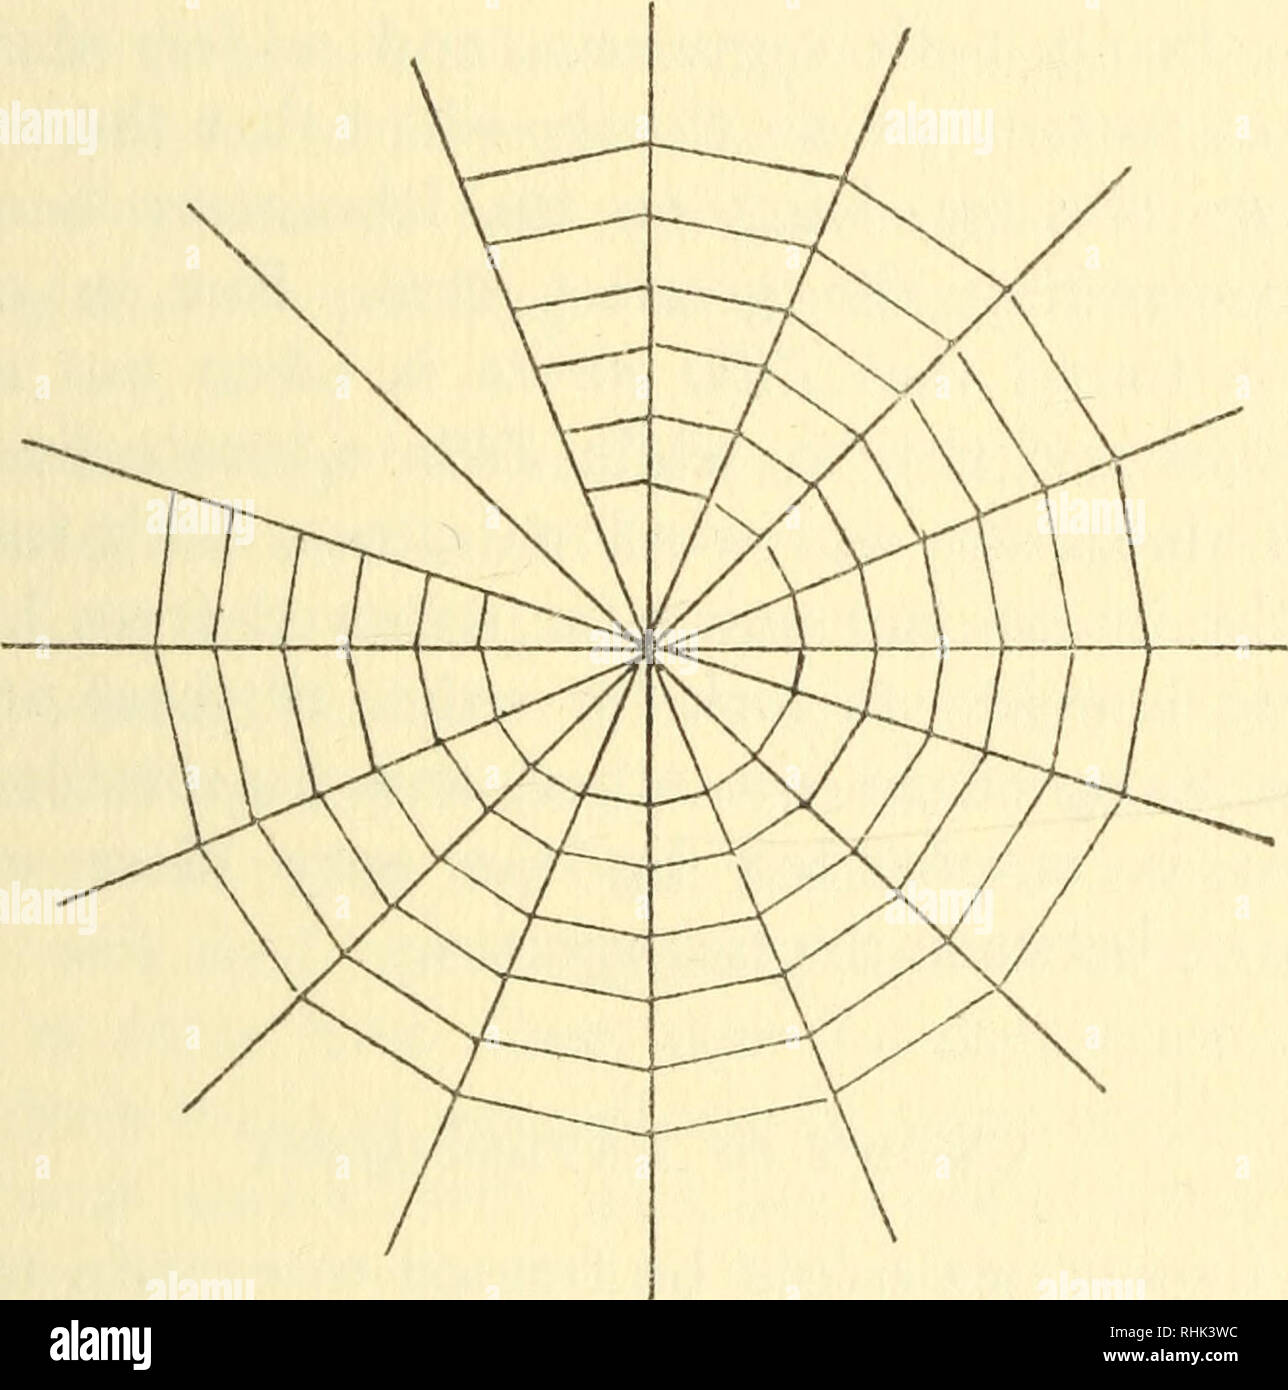 . La biologie des araignées. Les araignées, les insectes. La distribution de le chercher ailleurs. D'asile après les araignées rencontrez avec exactement le même état de choses. Dans la plupart des localités en Angleterre, près d'une centaine d'espèces d'araignées peuvent être trouvés sans grande difficulté dans une saison ou deux. Plusieurs des espèces plus communes sont trouvés dans les hangars et d'équitation à la maison, et de se produire à nouveau, mais avec des ajouts, dans la véranda et la serre. L'exécution dans les champs, et a beaucoup d'araignées-loups, mais pour remplir le sondage de cette famille seulement, les banques de. Fig. 75.-Web de Zilla. Les rivières et ruisseaux, les dunes un Photo Stock